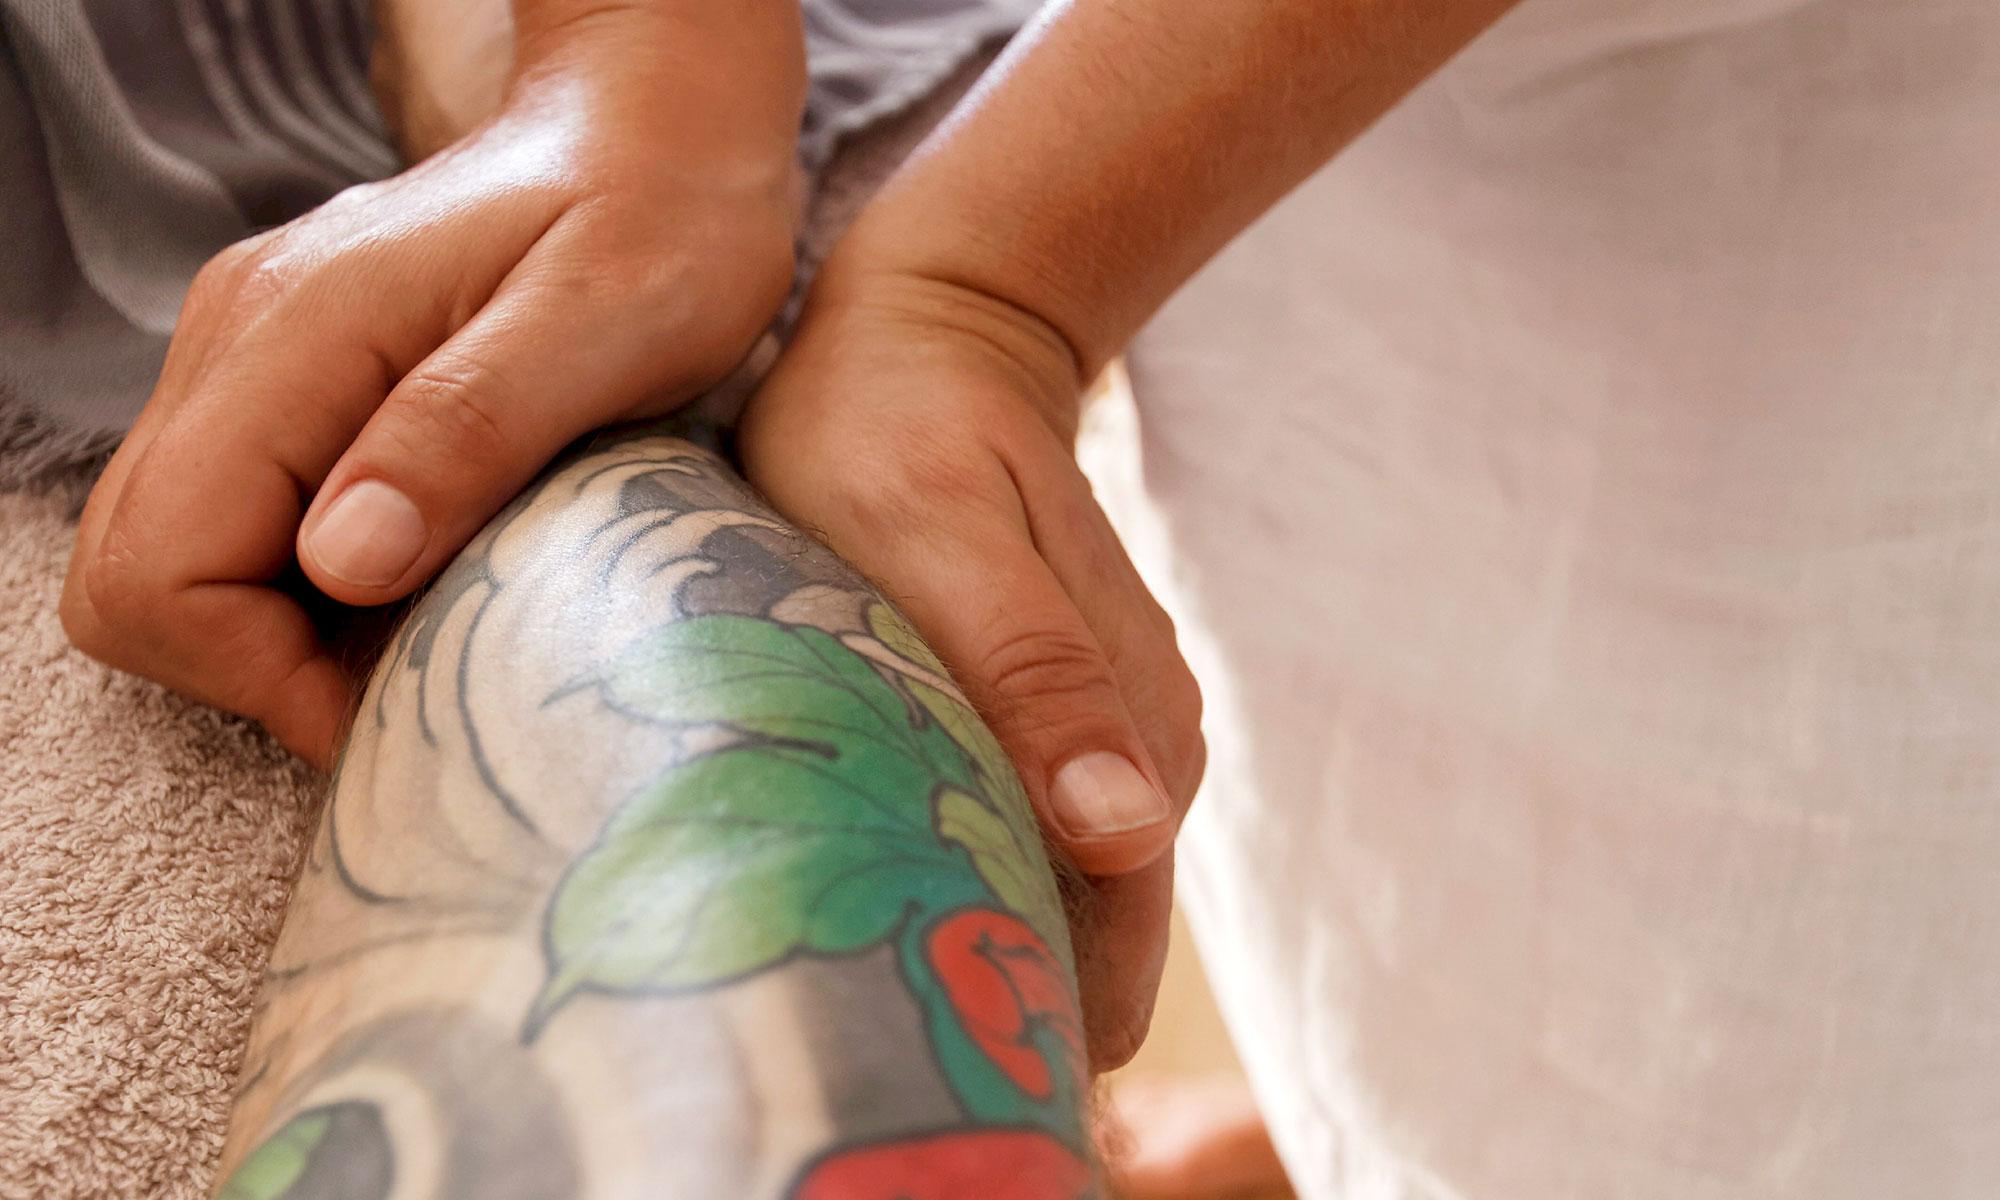 mains massant un bras